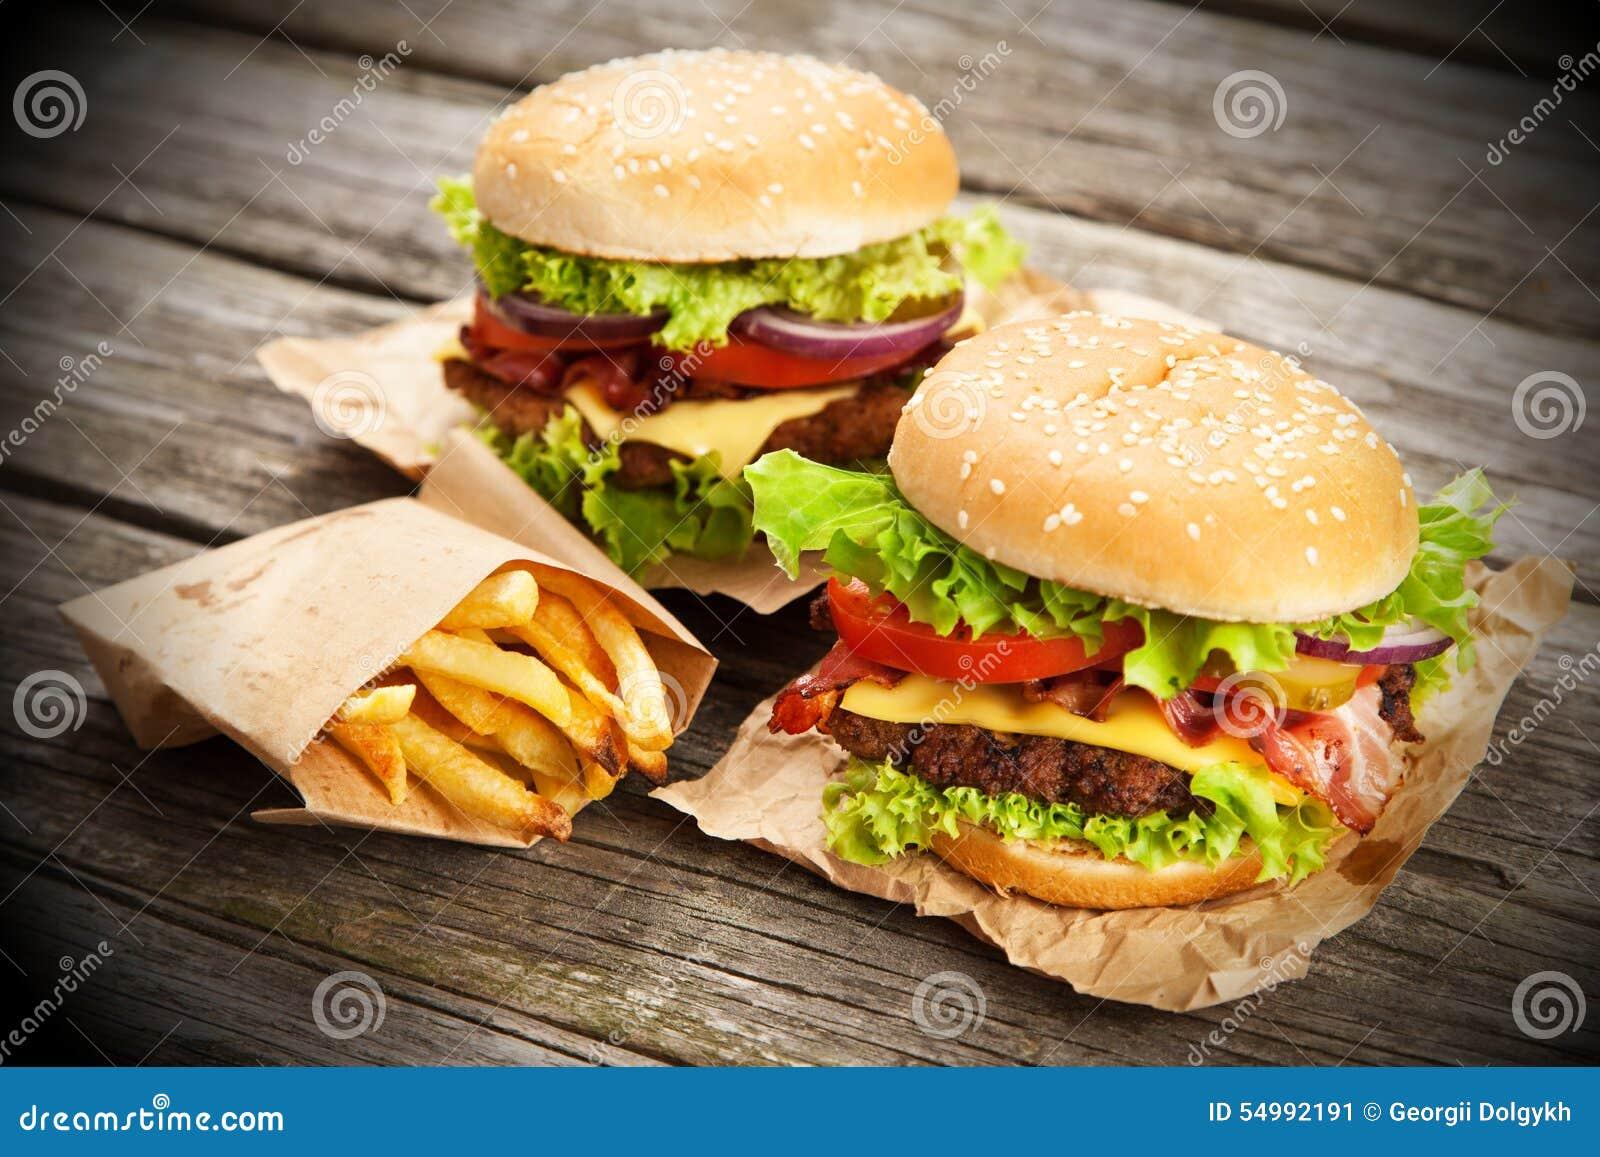 Hamburguesa y fritadas deliciosas